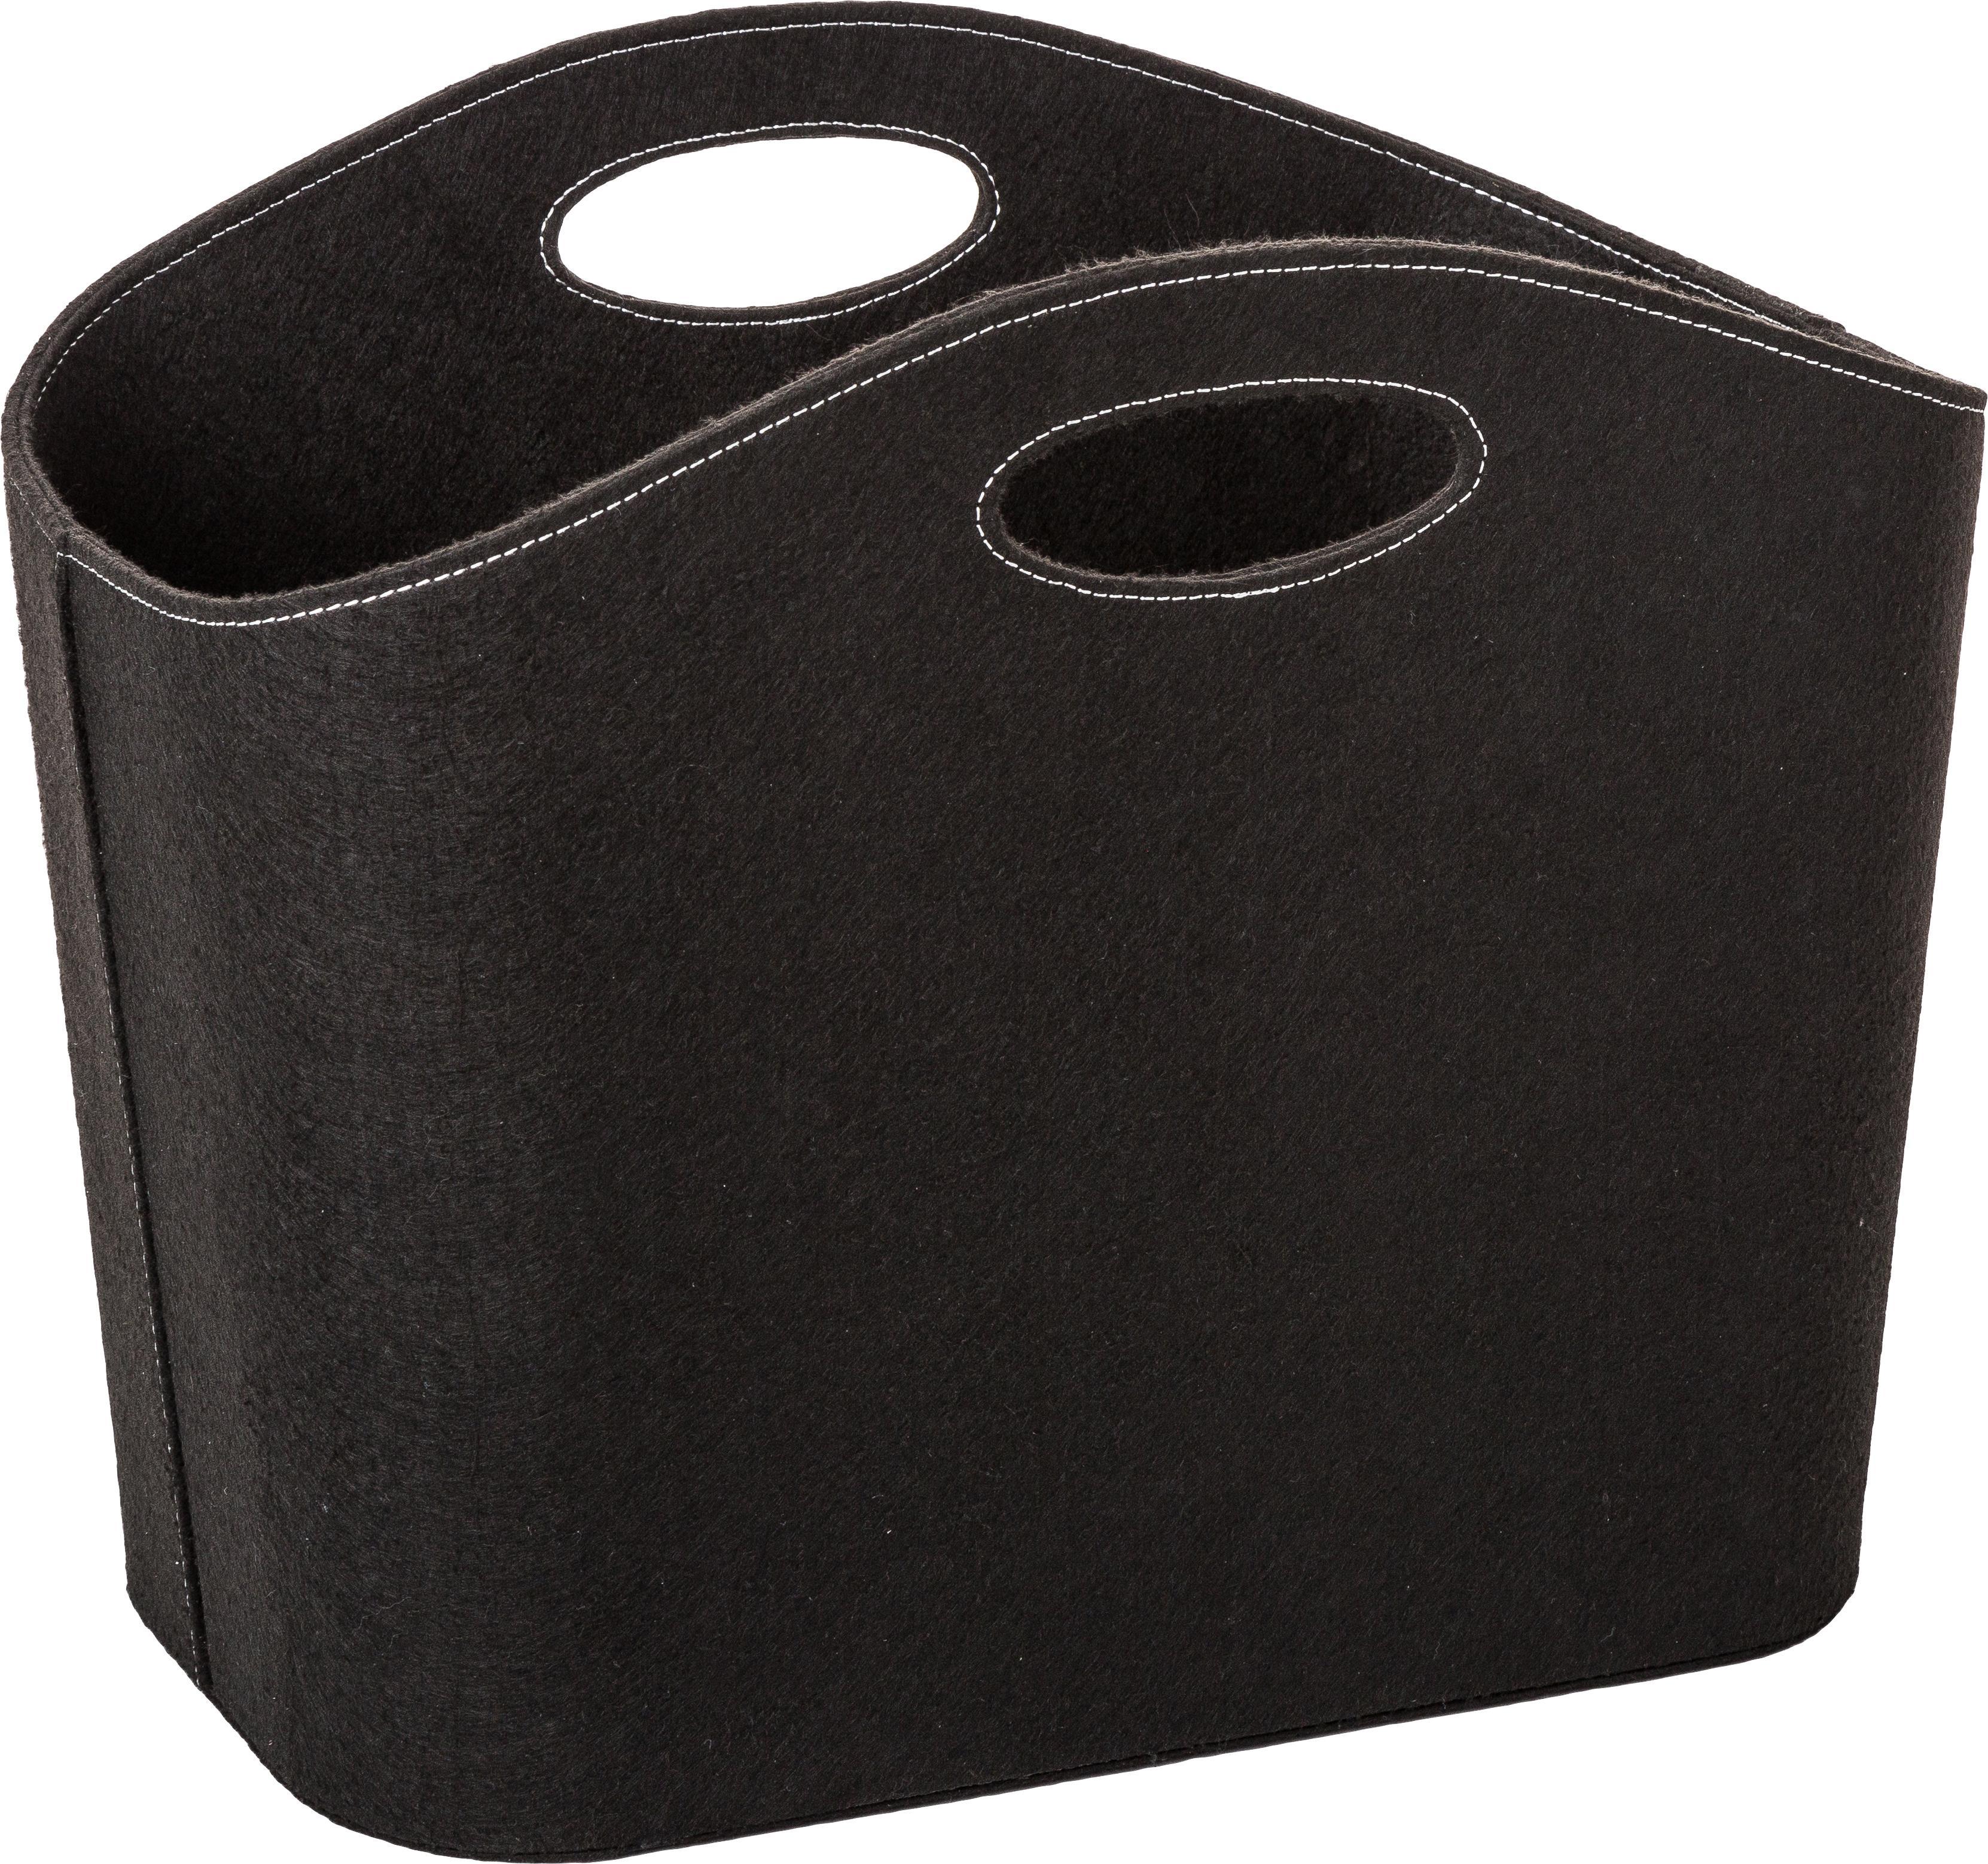 Aufbewahrungskorb Mascha, Filz aus recyceltem Kunststoff, Schwarz, 30 x 45 cm